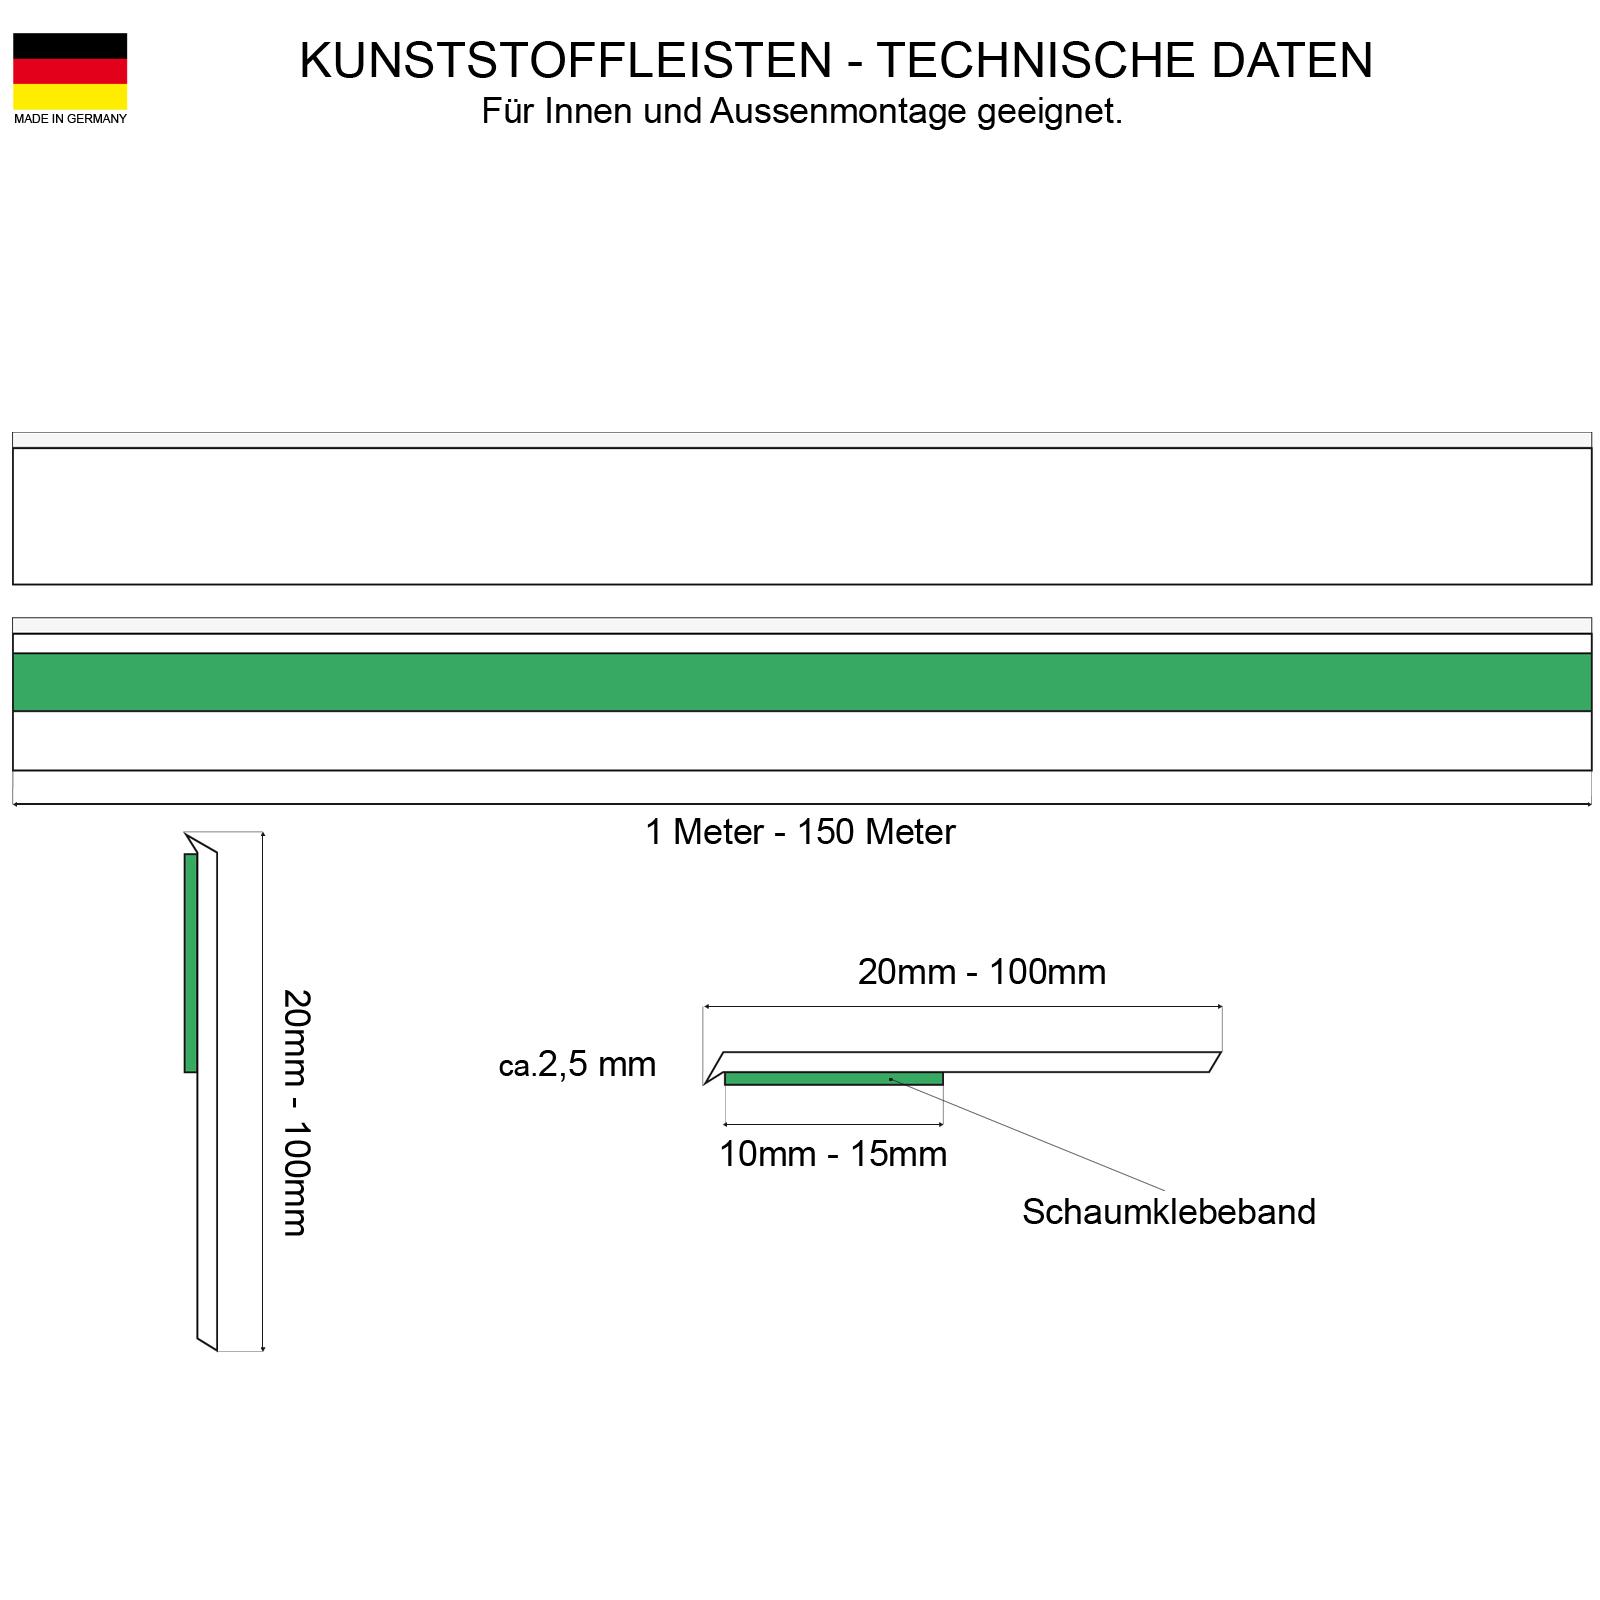 Fensterleisten Flachleisten in grau Made in Germany golden-oak 25 m 3,20/€ //m OHNE LIPPE anthrazit braun dunkelbraun 1 m bis 50 m Fensterleiste Flachleiste Abdeckleiste 30mm H/öhe